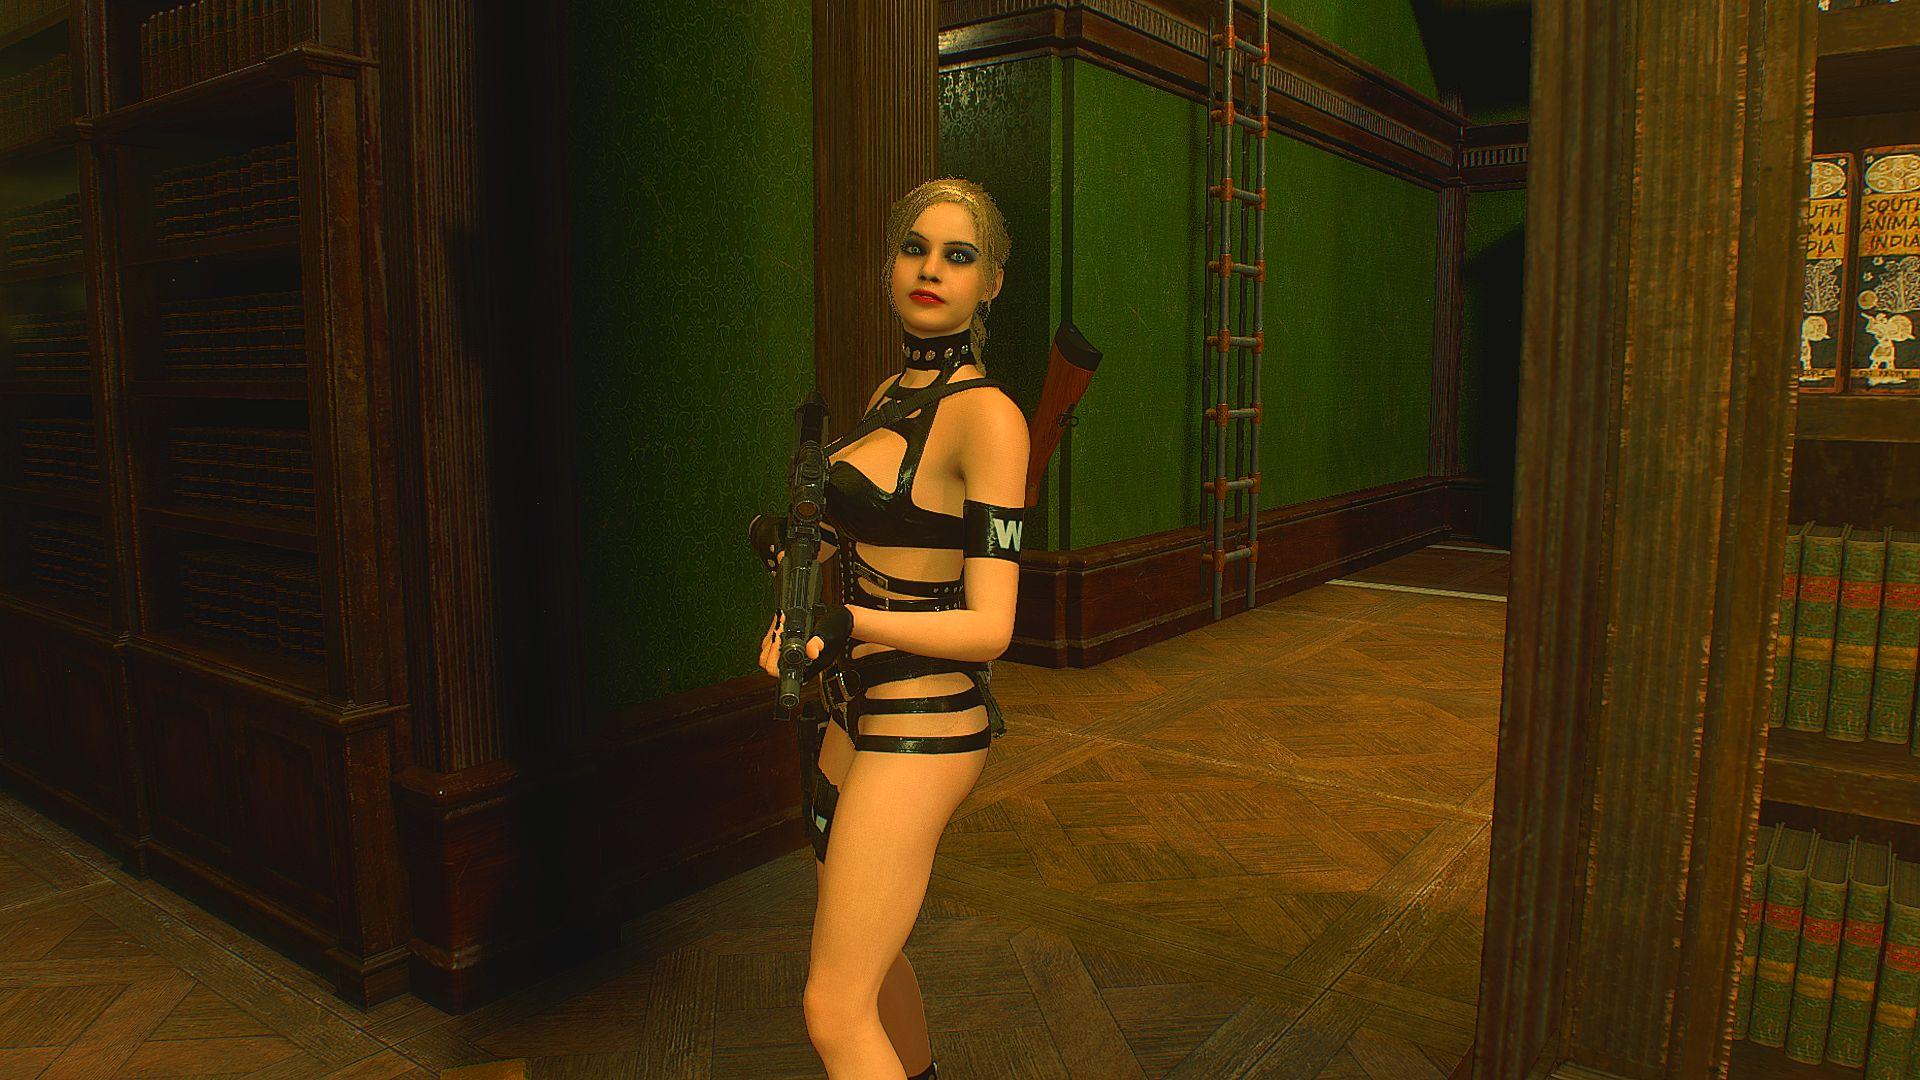 00027.Jpg - Resident Evil 2